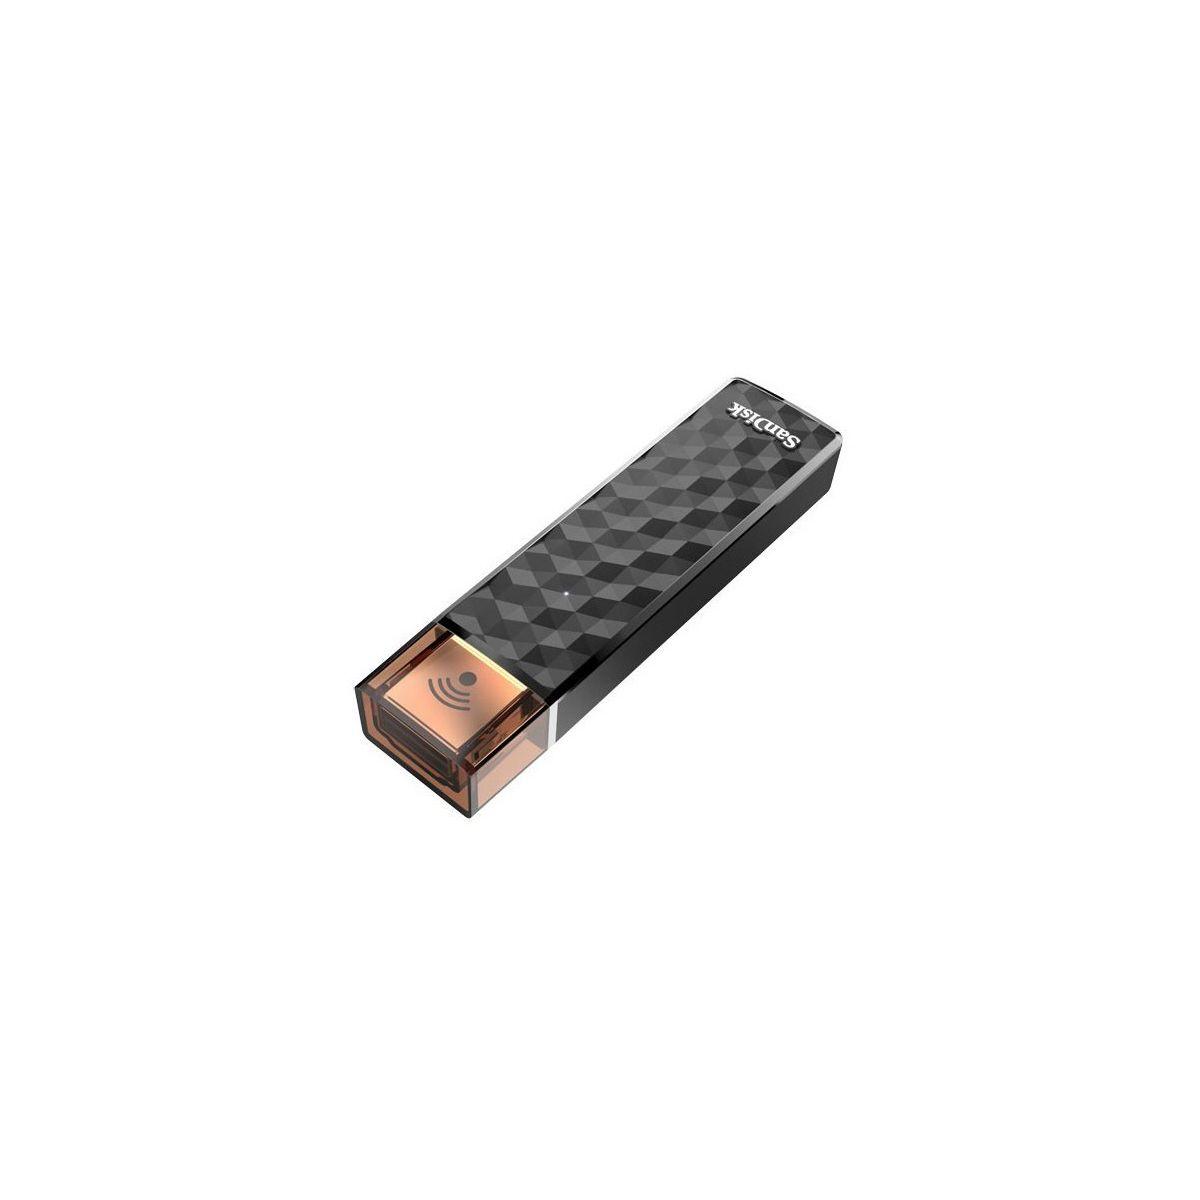 Cl� usb sandisk wireless stick 128gb - 2% de remise imm�diate avec le code : deal2 (photo)